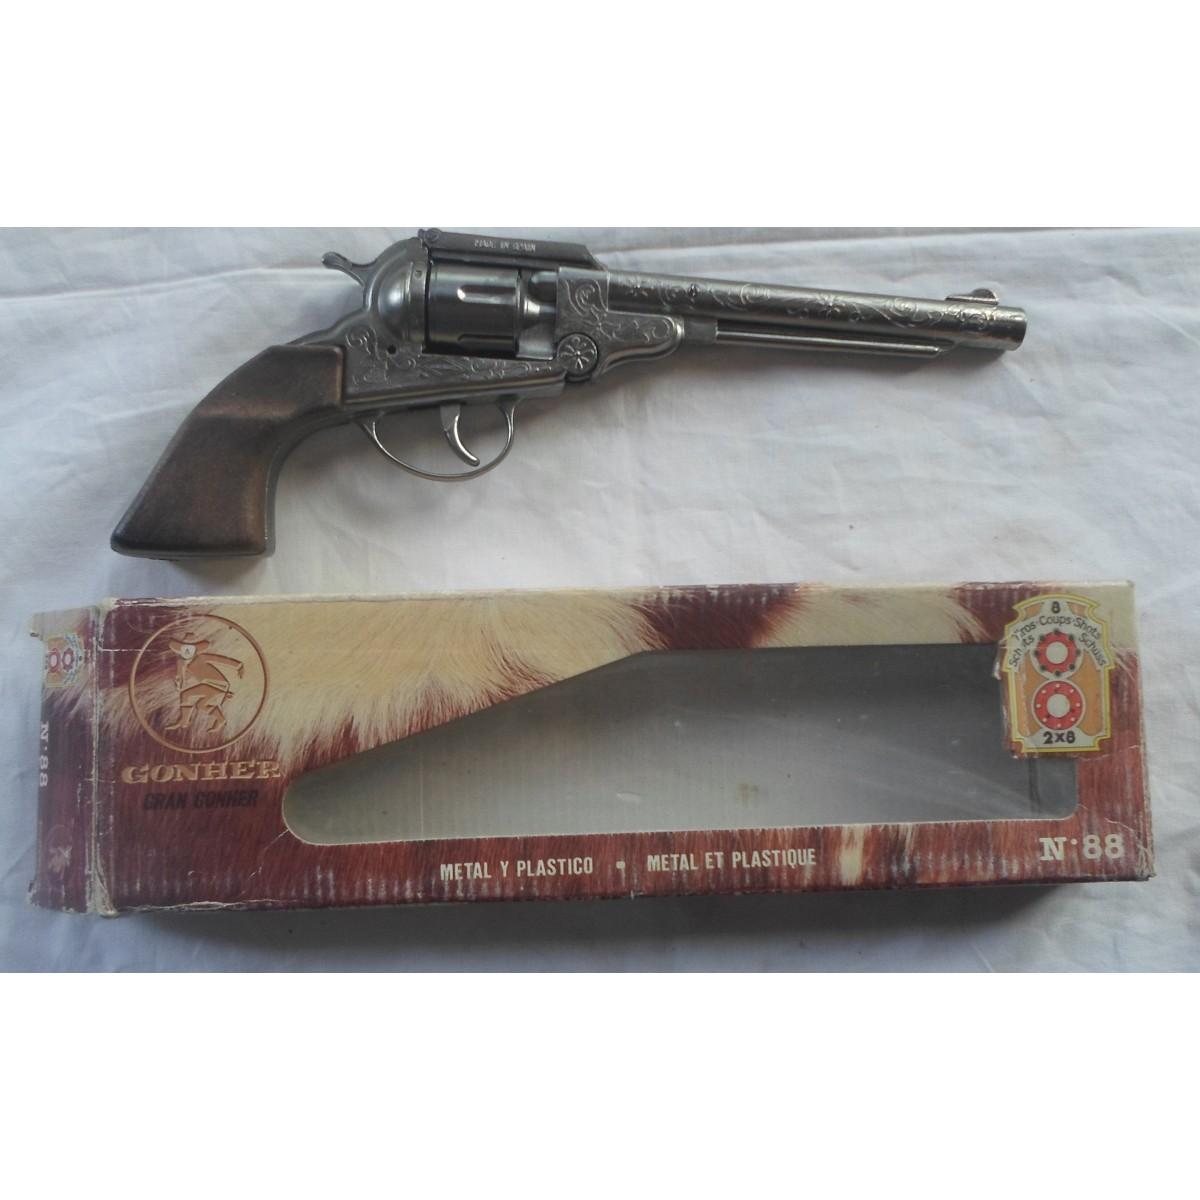 Μεταλλικό και πλαστικό όπλο Grand GONHER Νο 88.